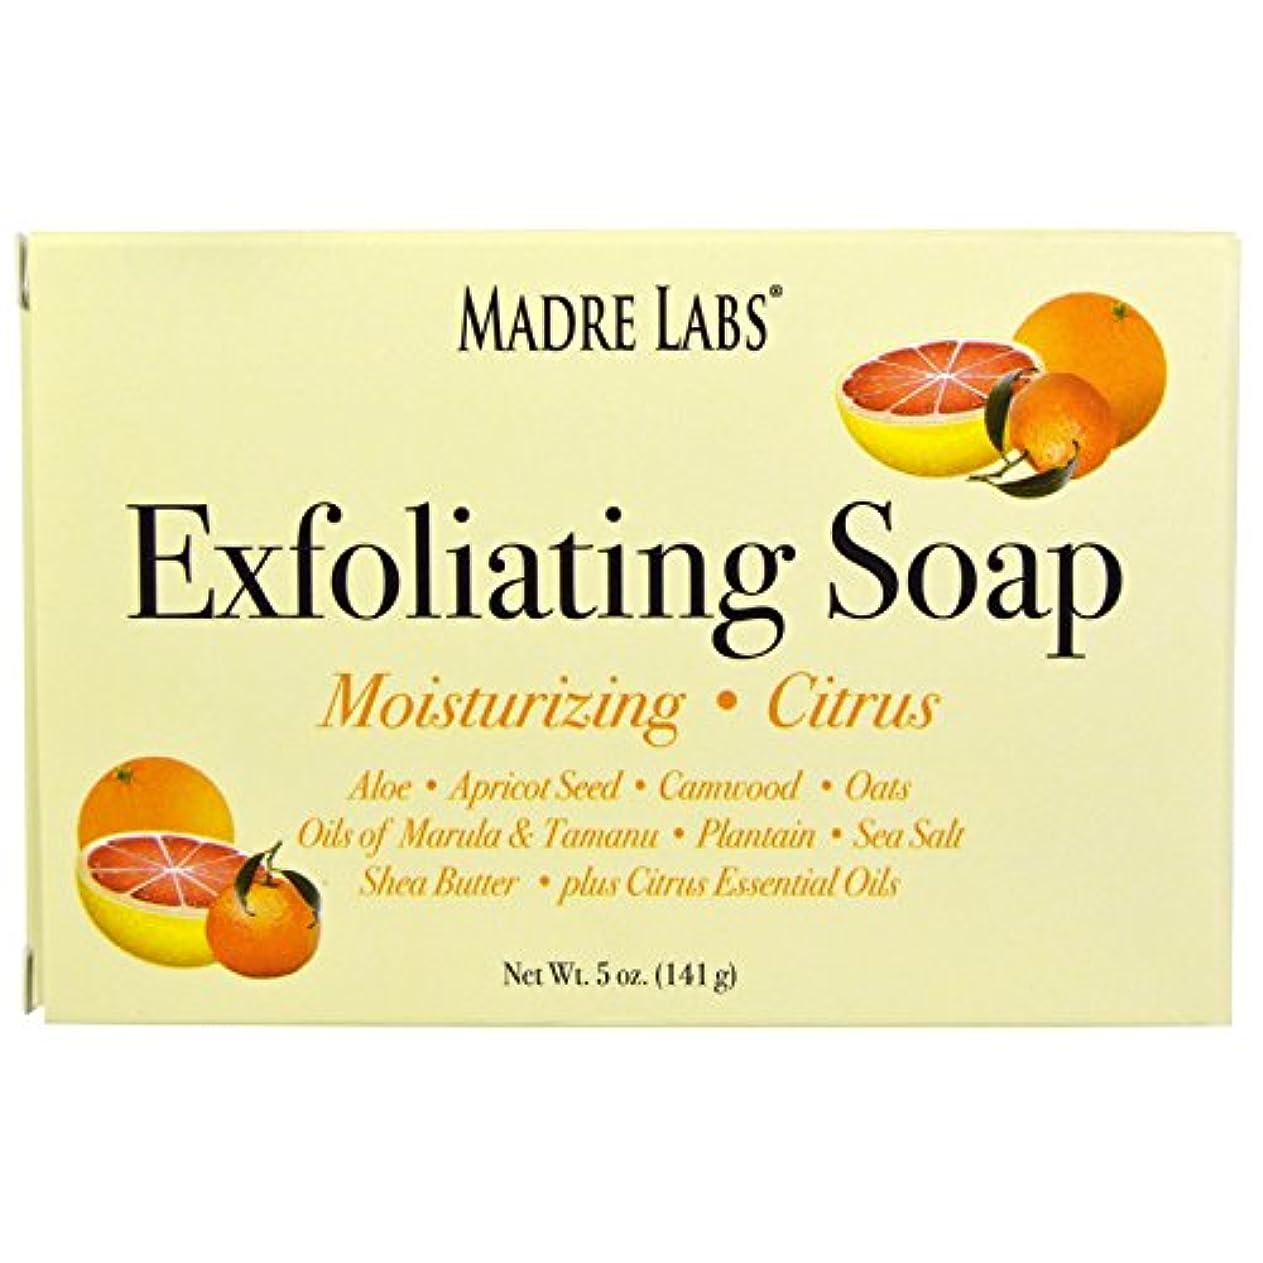 産地富またはどちらかマドレラブ シアバター入り石鹸 柑橘フレーバー Madre Labs Exfoliating Soap Bar with Marula & Tamanu Oils plus Shea Butter